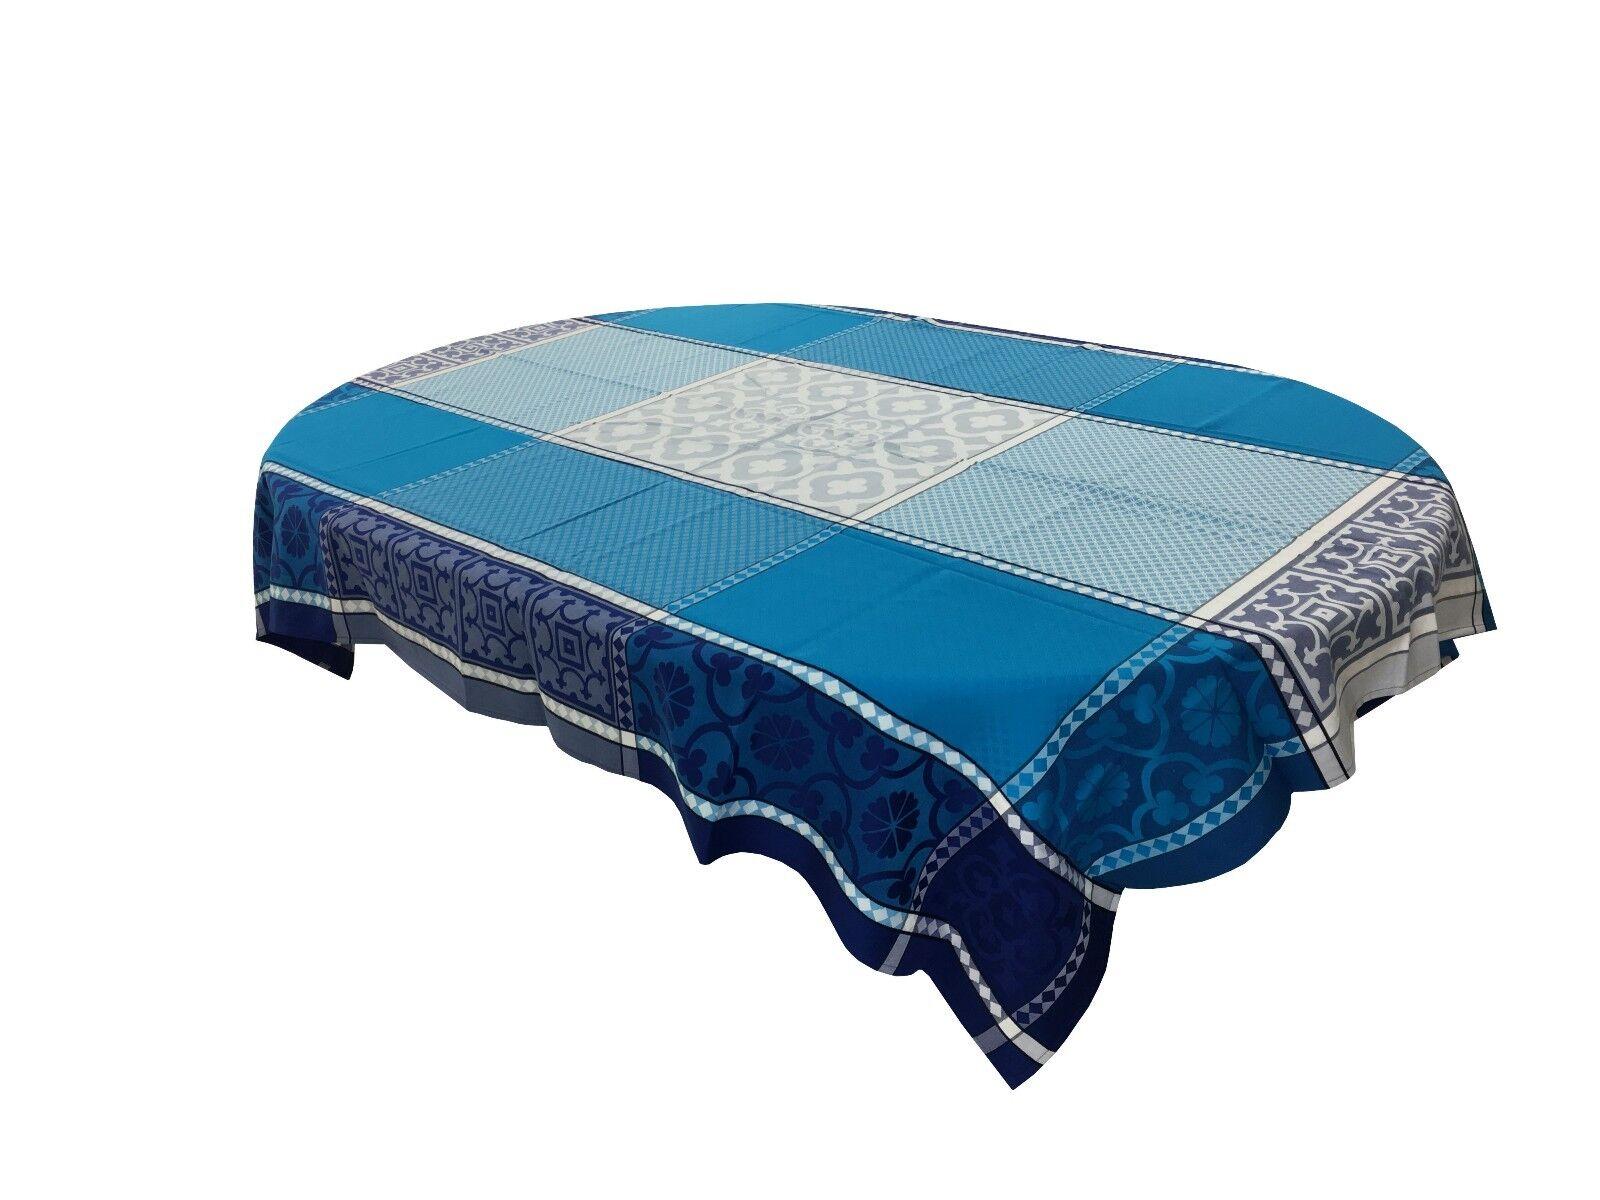 Jacquard Ruco-Guard couché nappe Marius Géométrique Bleu 63 x 98.5 France